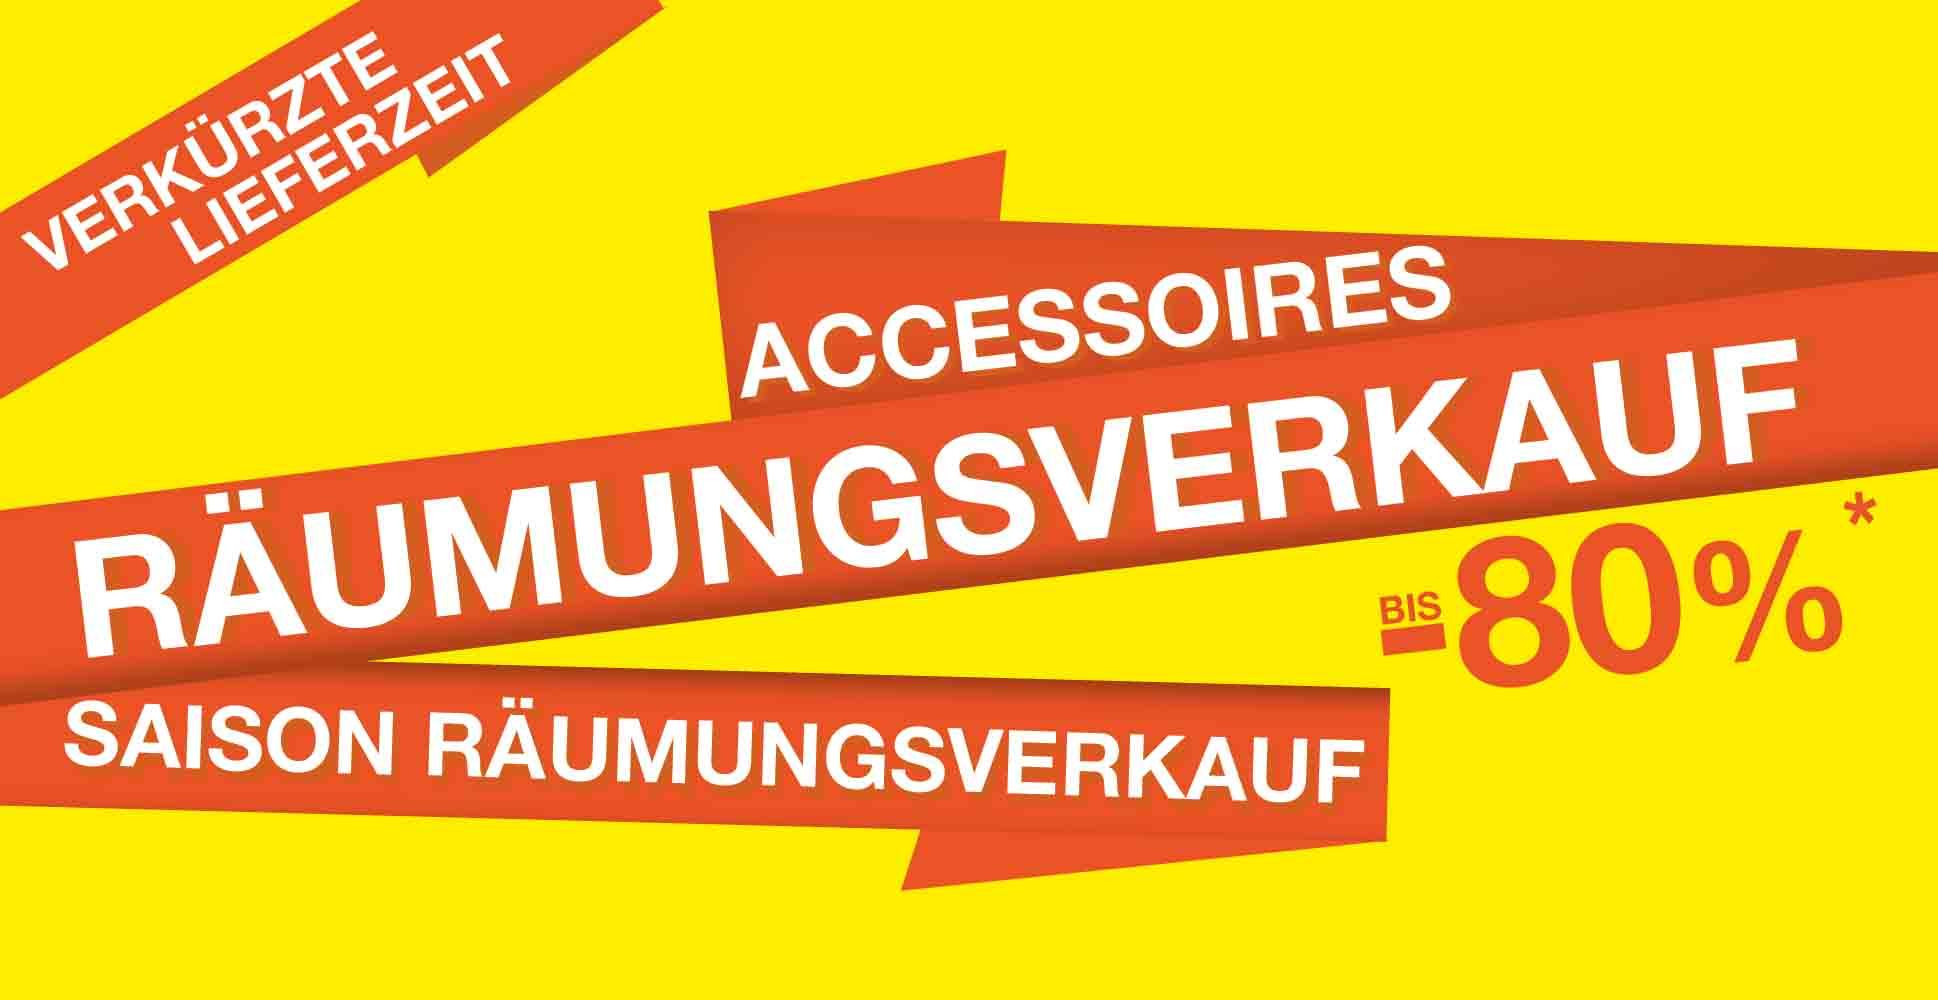 Räumungsverkauf Accessoires